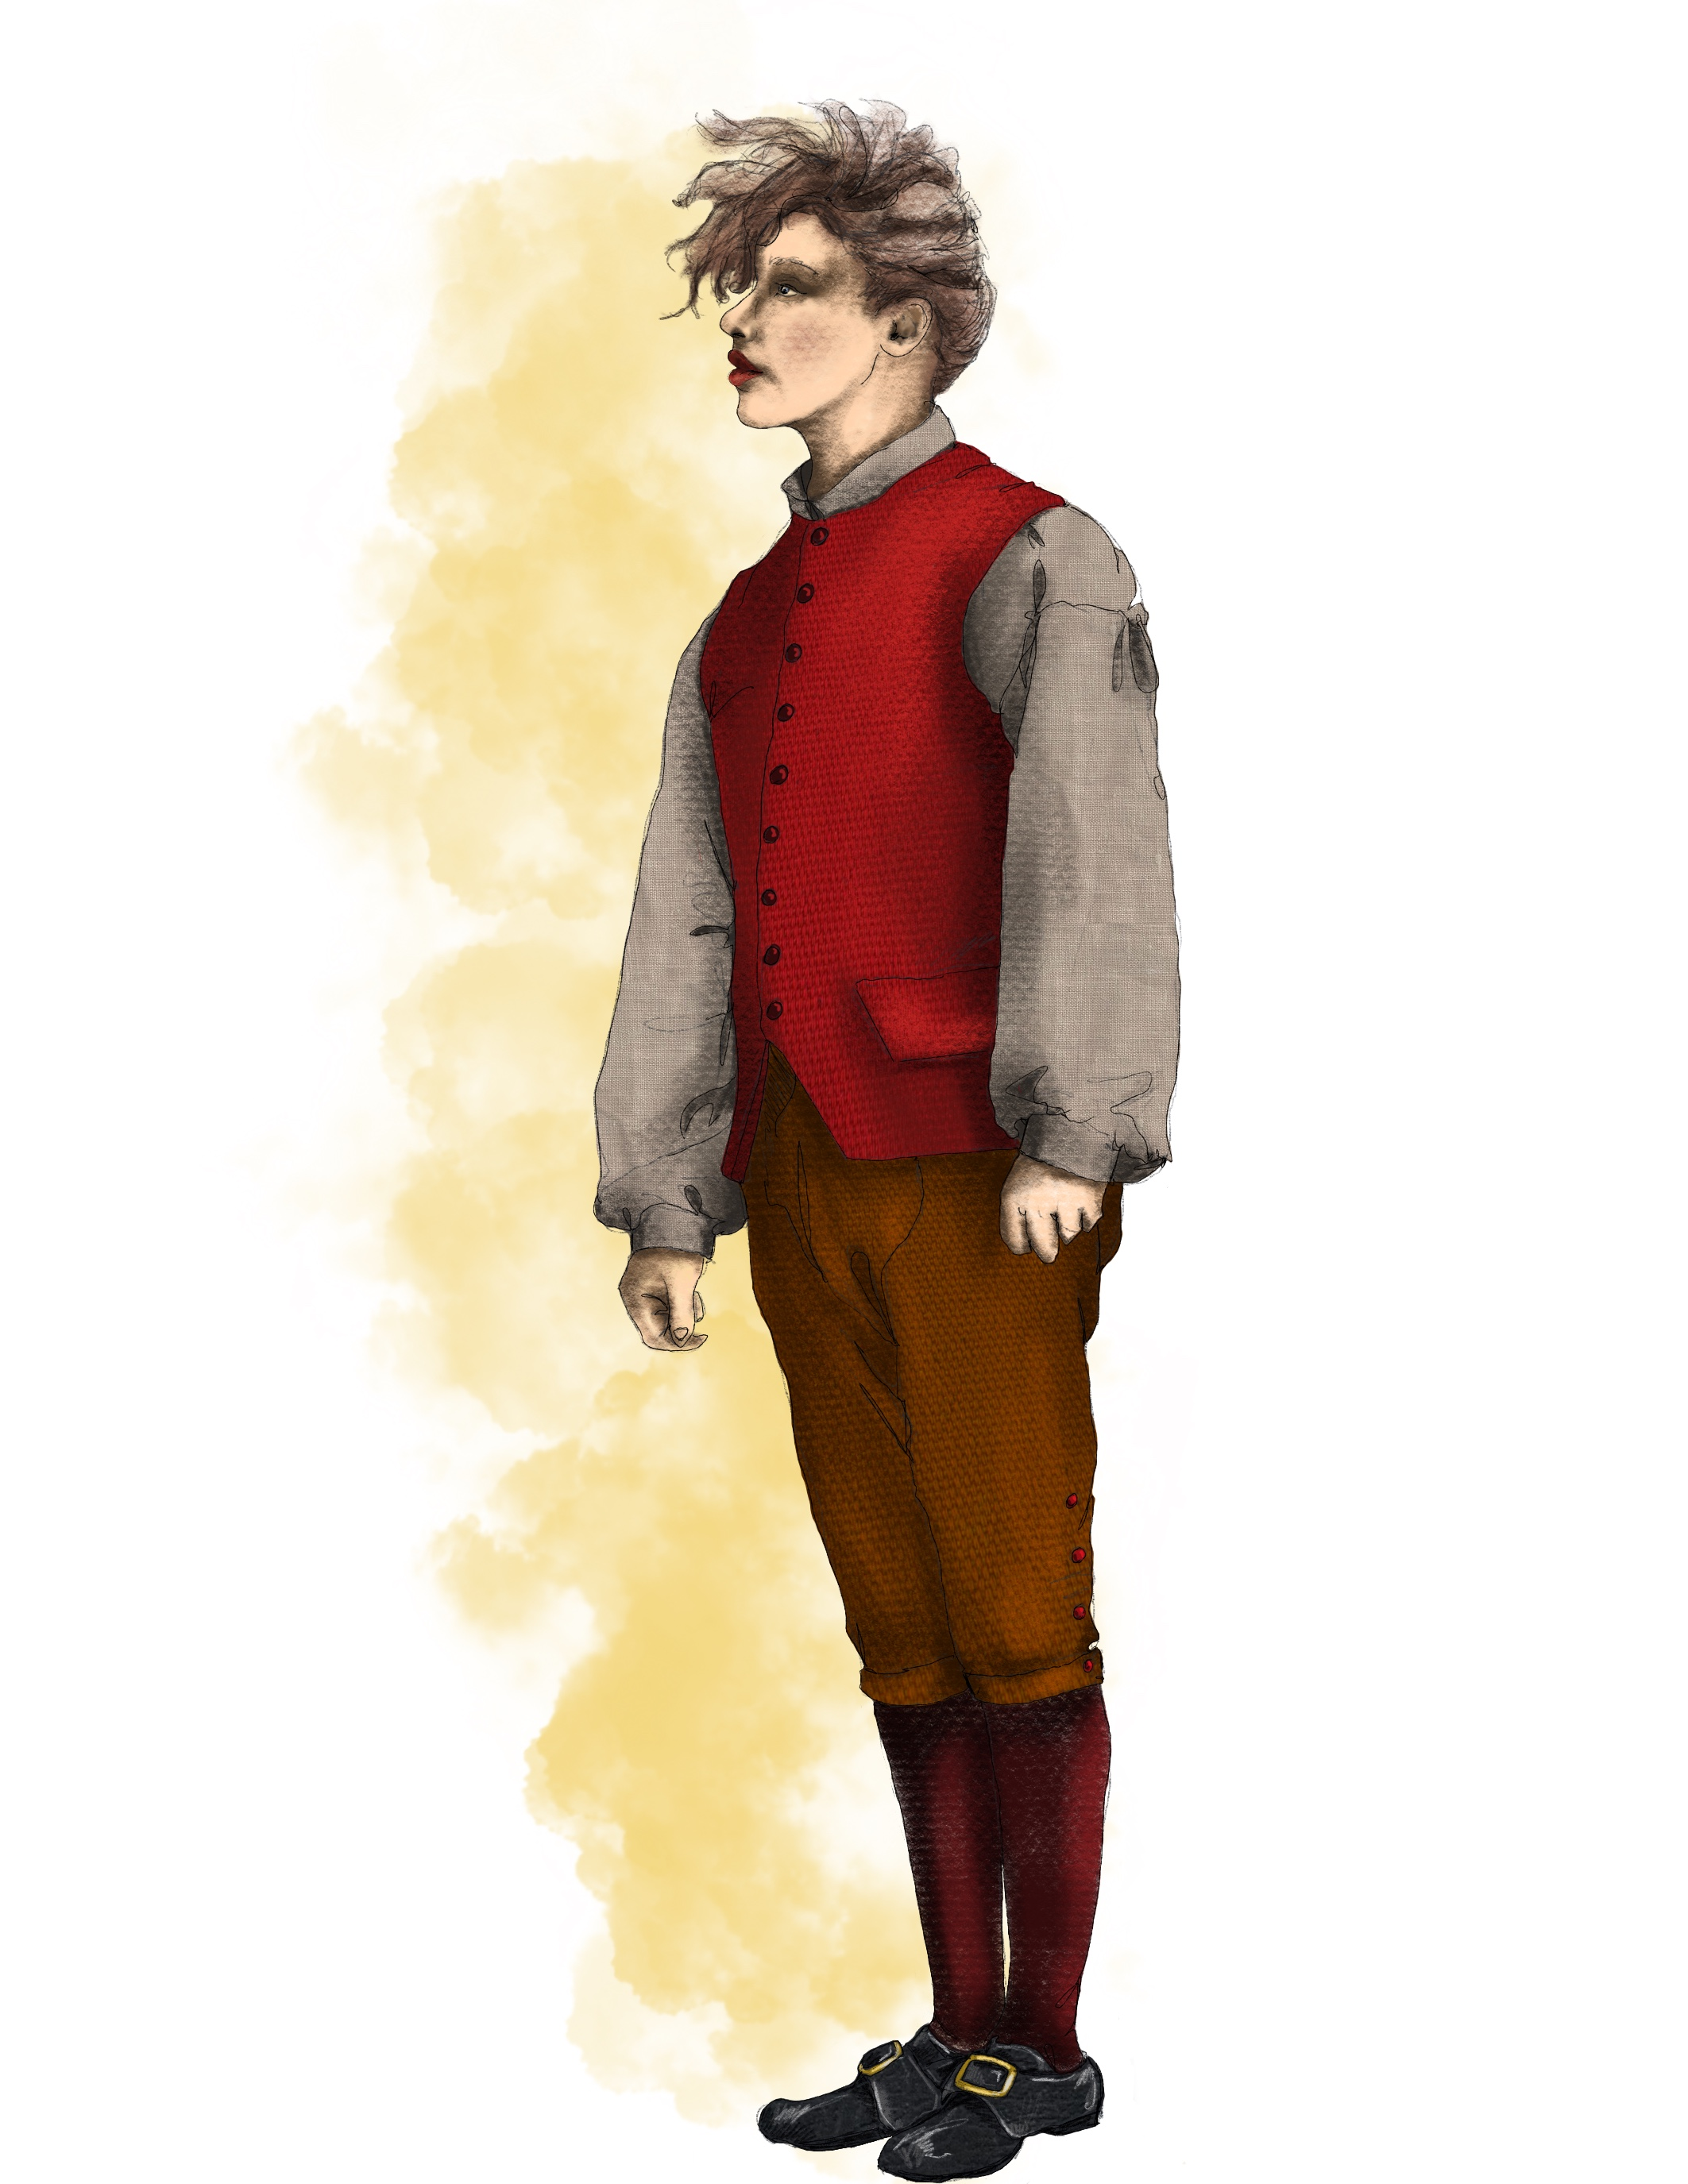 Polly as a Boy